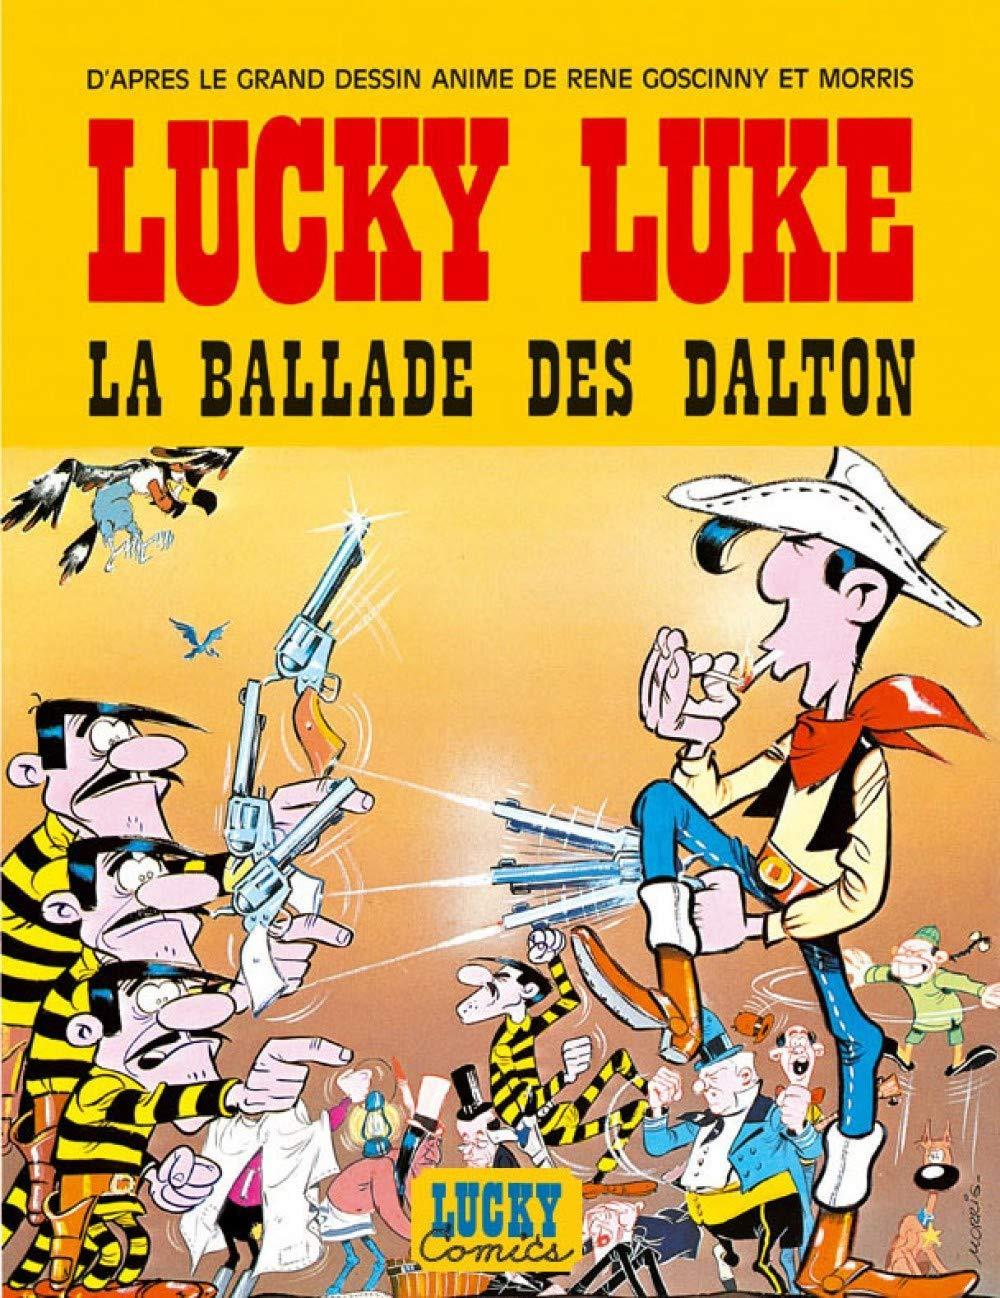 Lucky Luke Tome 0 Ballade Des Dalton La French Edition